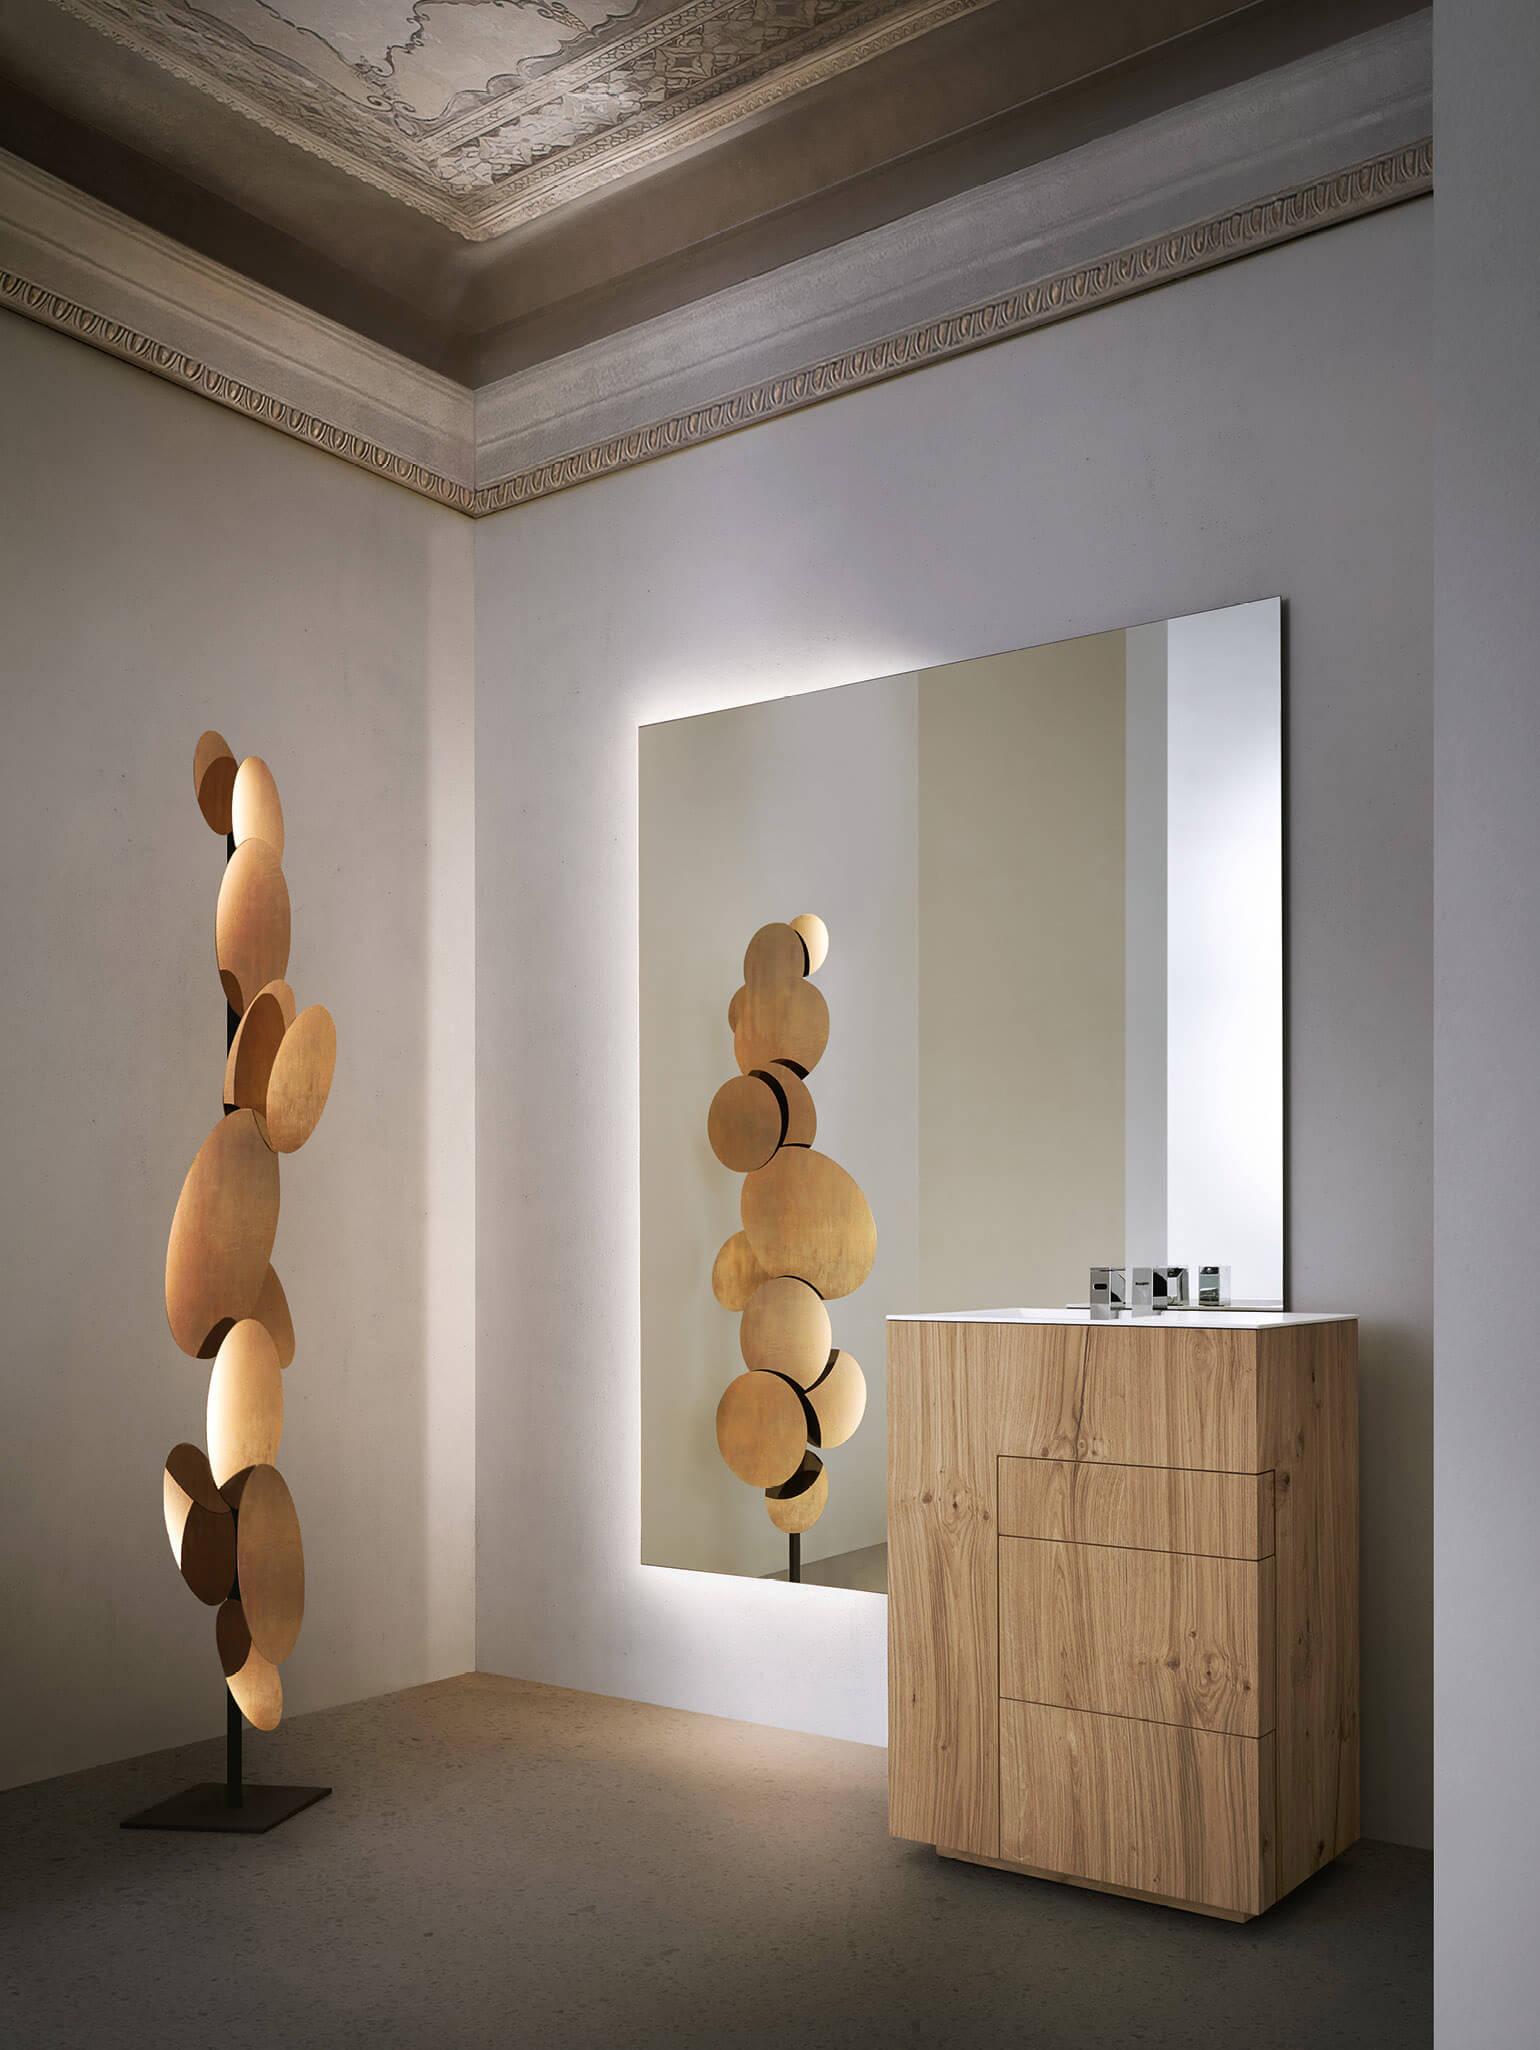 Das Produkt einrahmen Noorth entschied sich, das minimalistische und essentielle Design der Touch-Kollektion mit einer riesigen Auswahl an exklusiven italienischen Feinbearbeitungen zu kombinieren. Matte Marmor und Granitstein mit verschiedenen Farbtönen und Funktionen unterstreichen den skulpturalen Wert des Beckens durch eine einzigartige, zeitlose Eleganz.